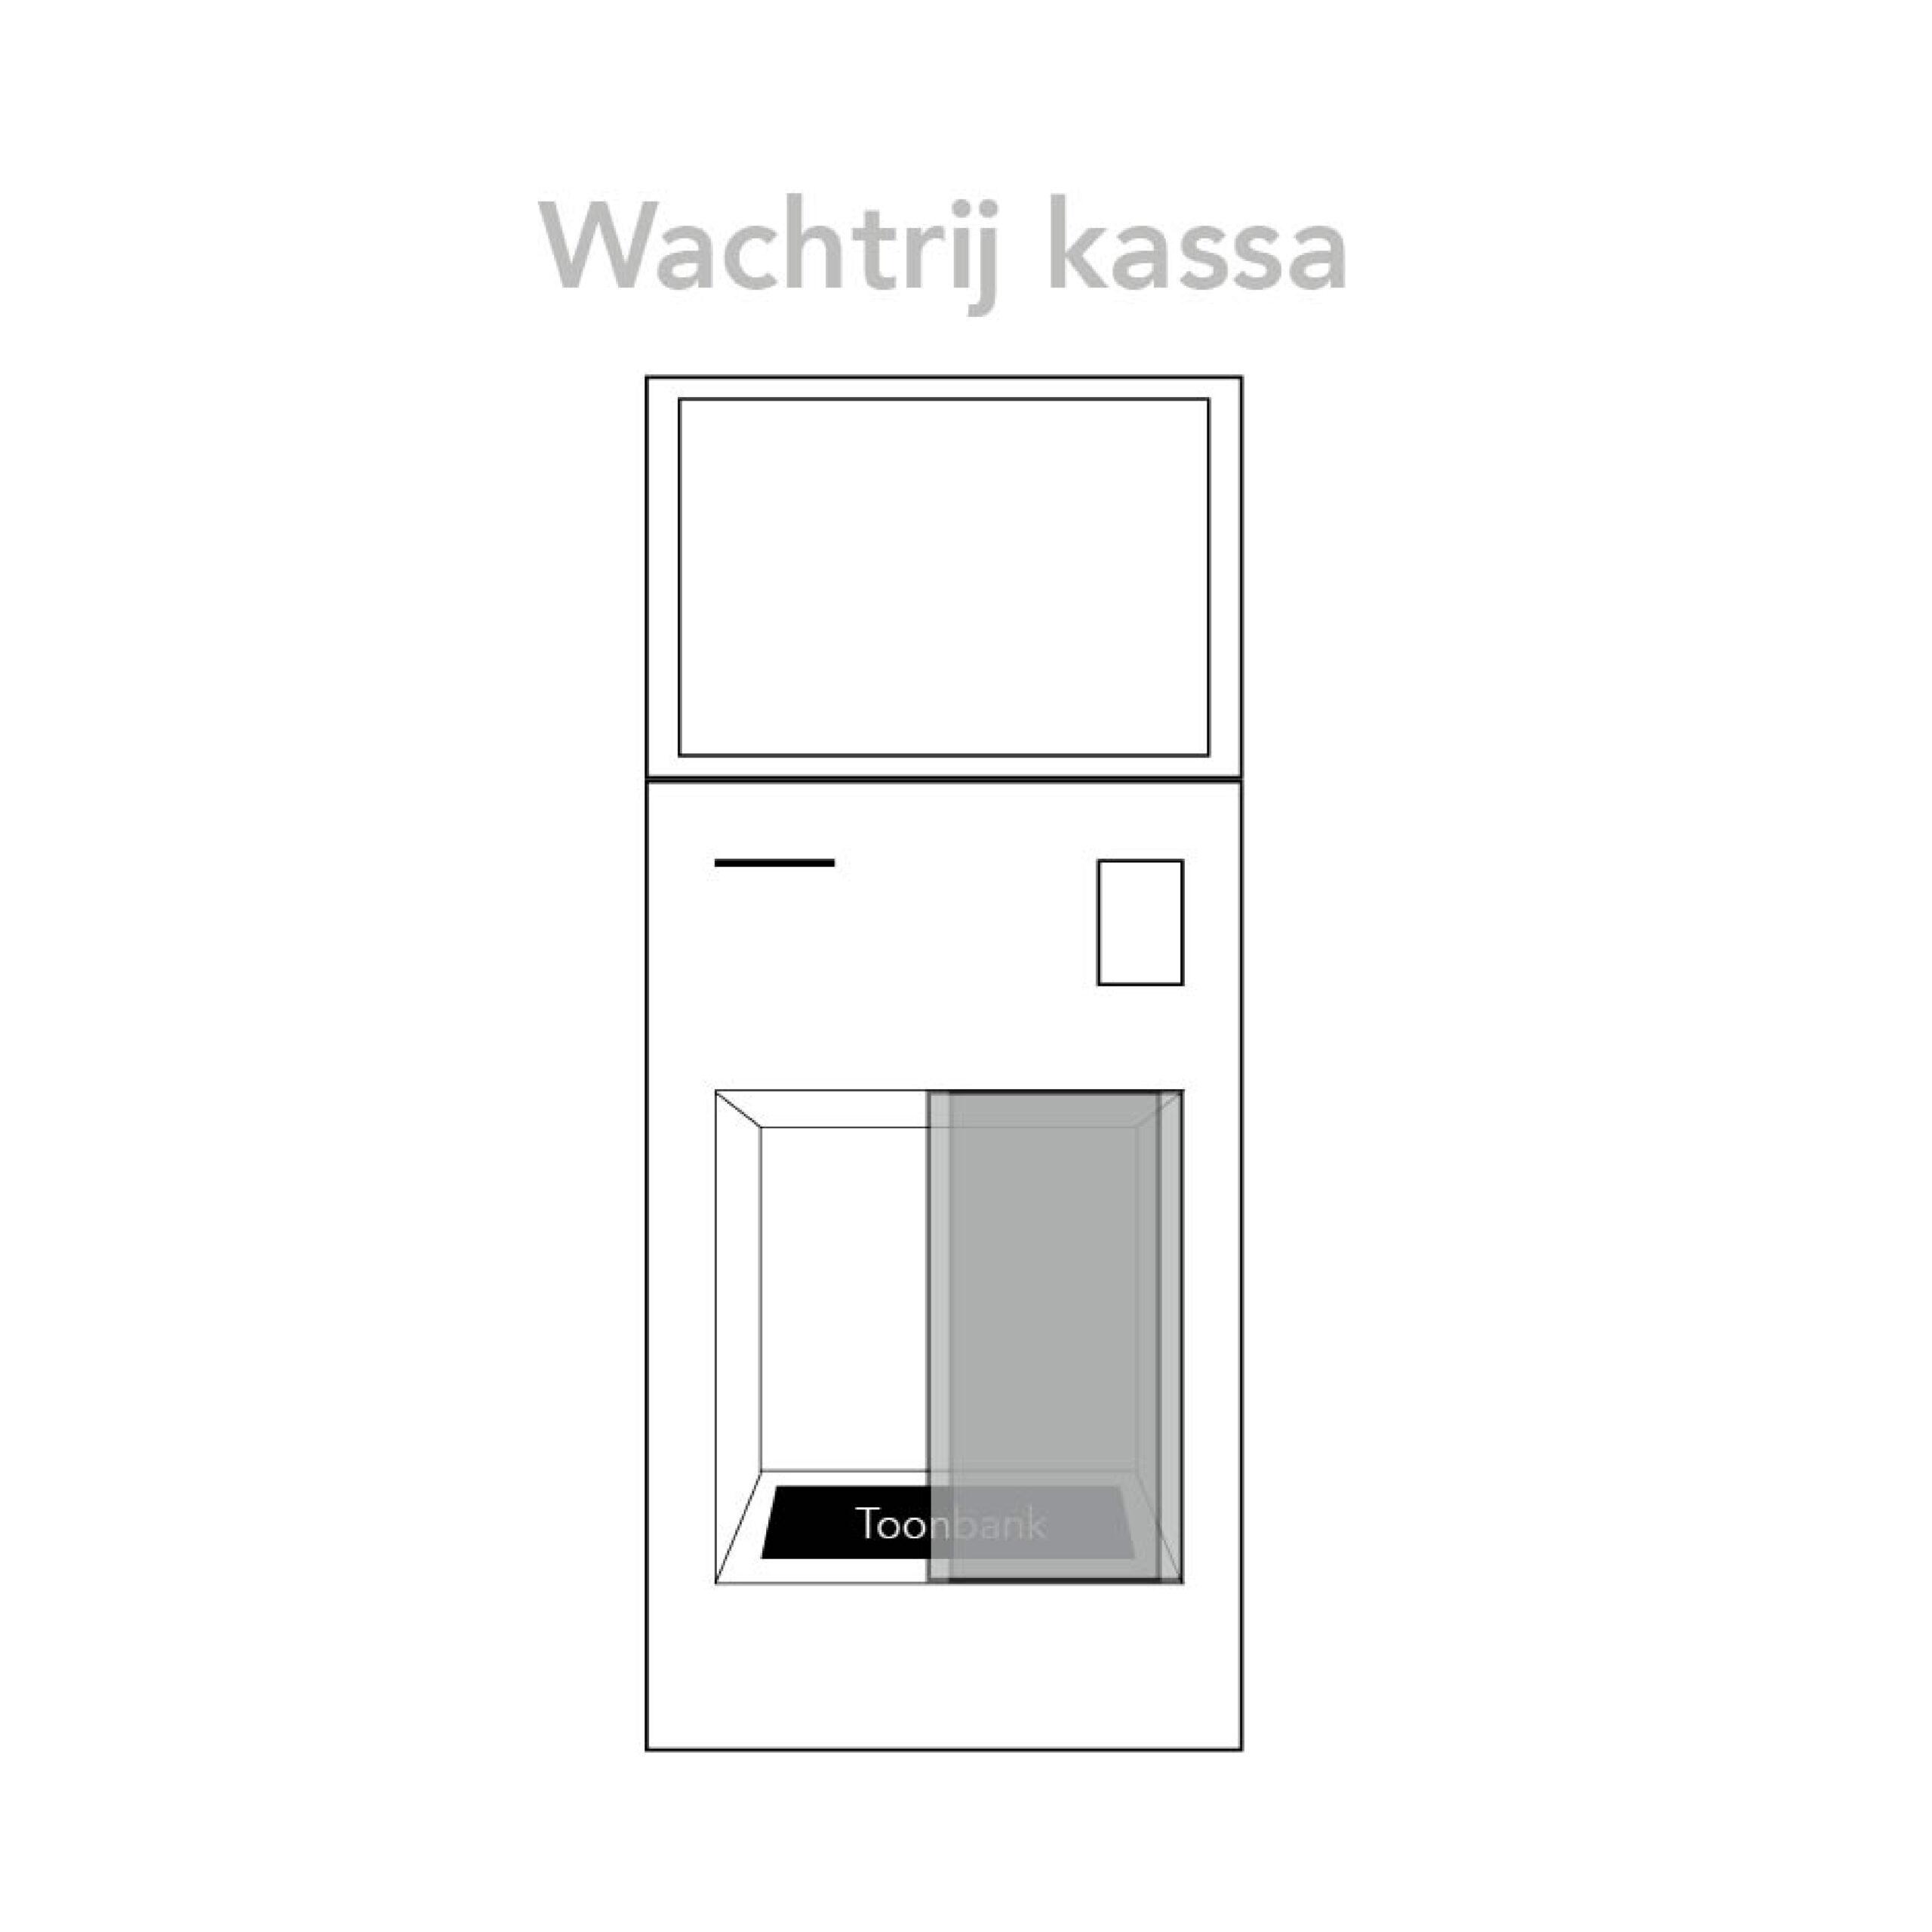 hm prototypes-wachtrij kassa-asiyedesigns_